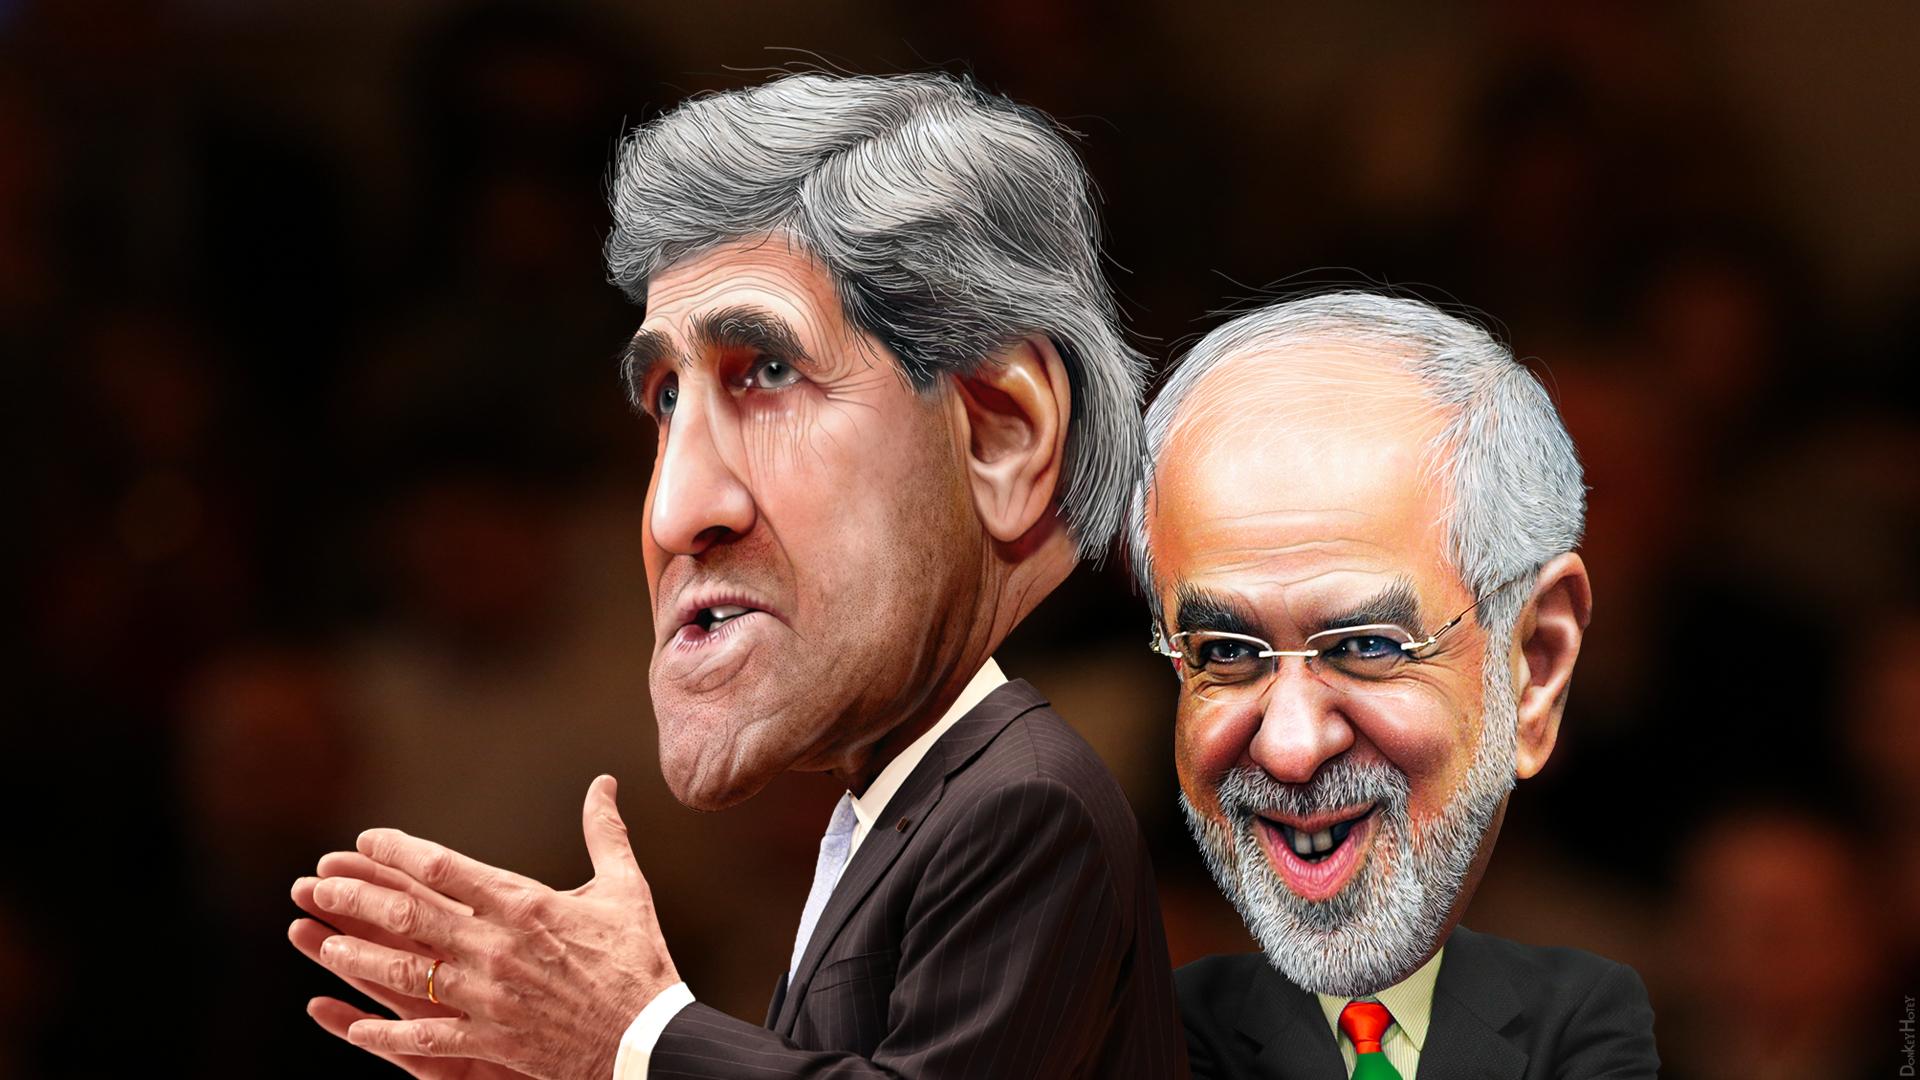 accordo sul nucleare